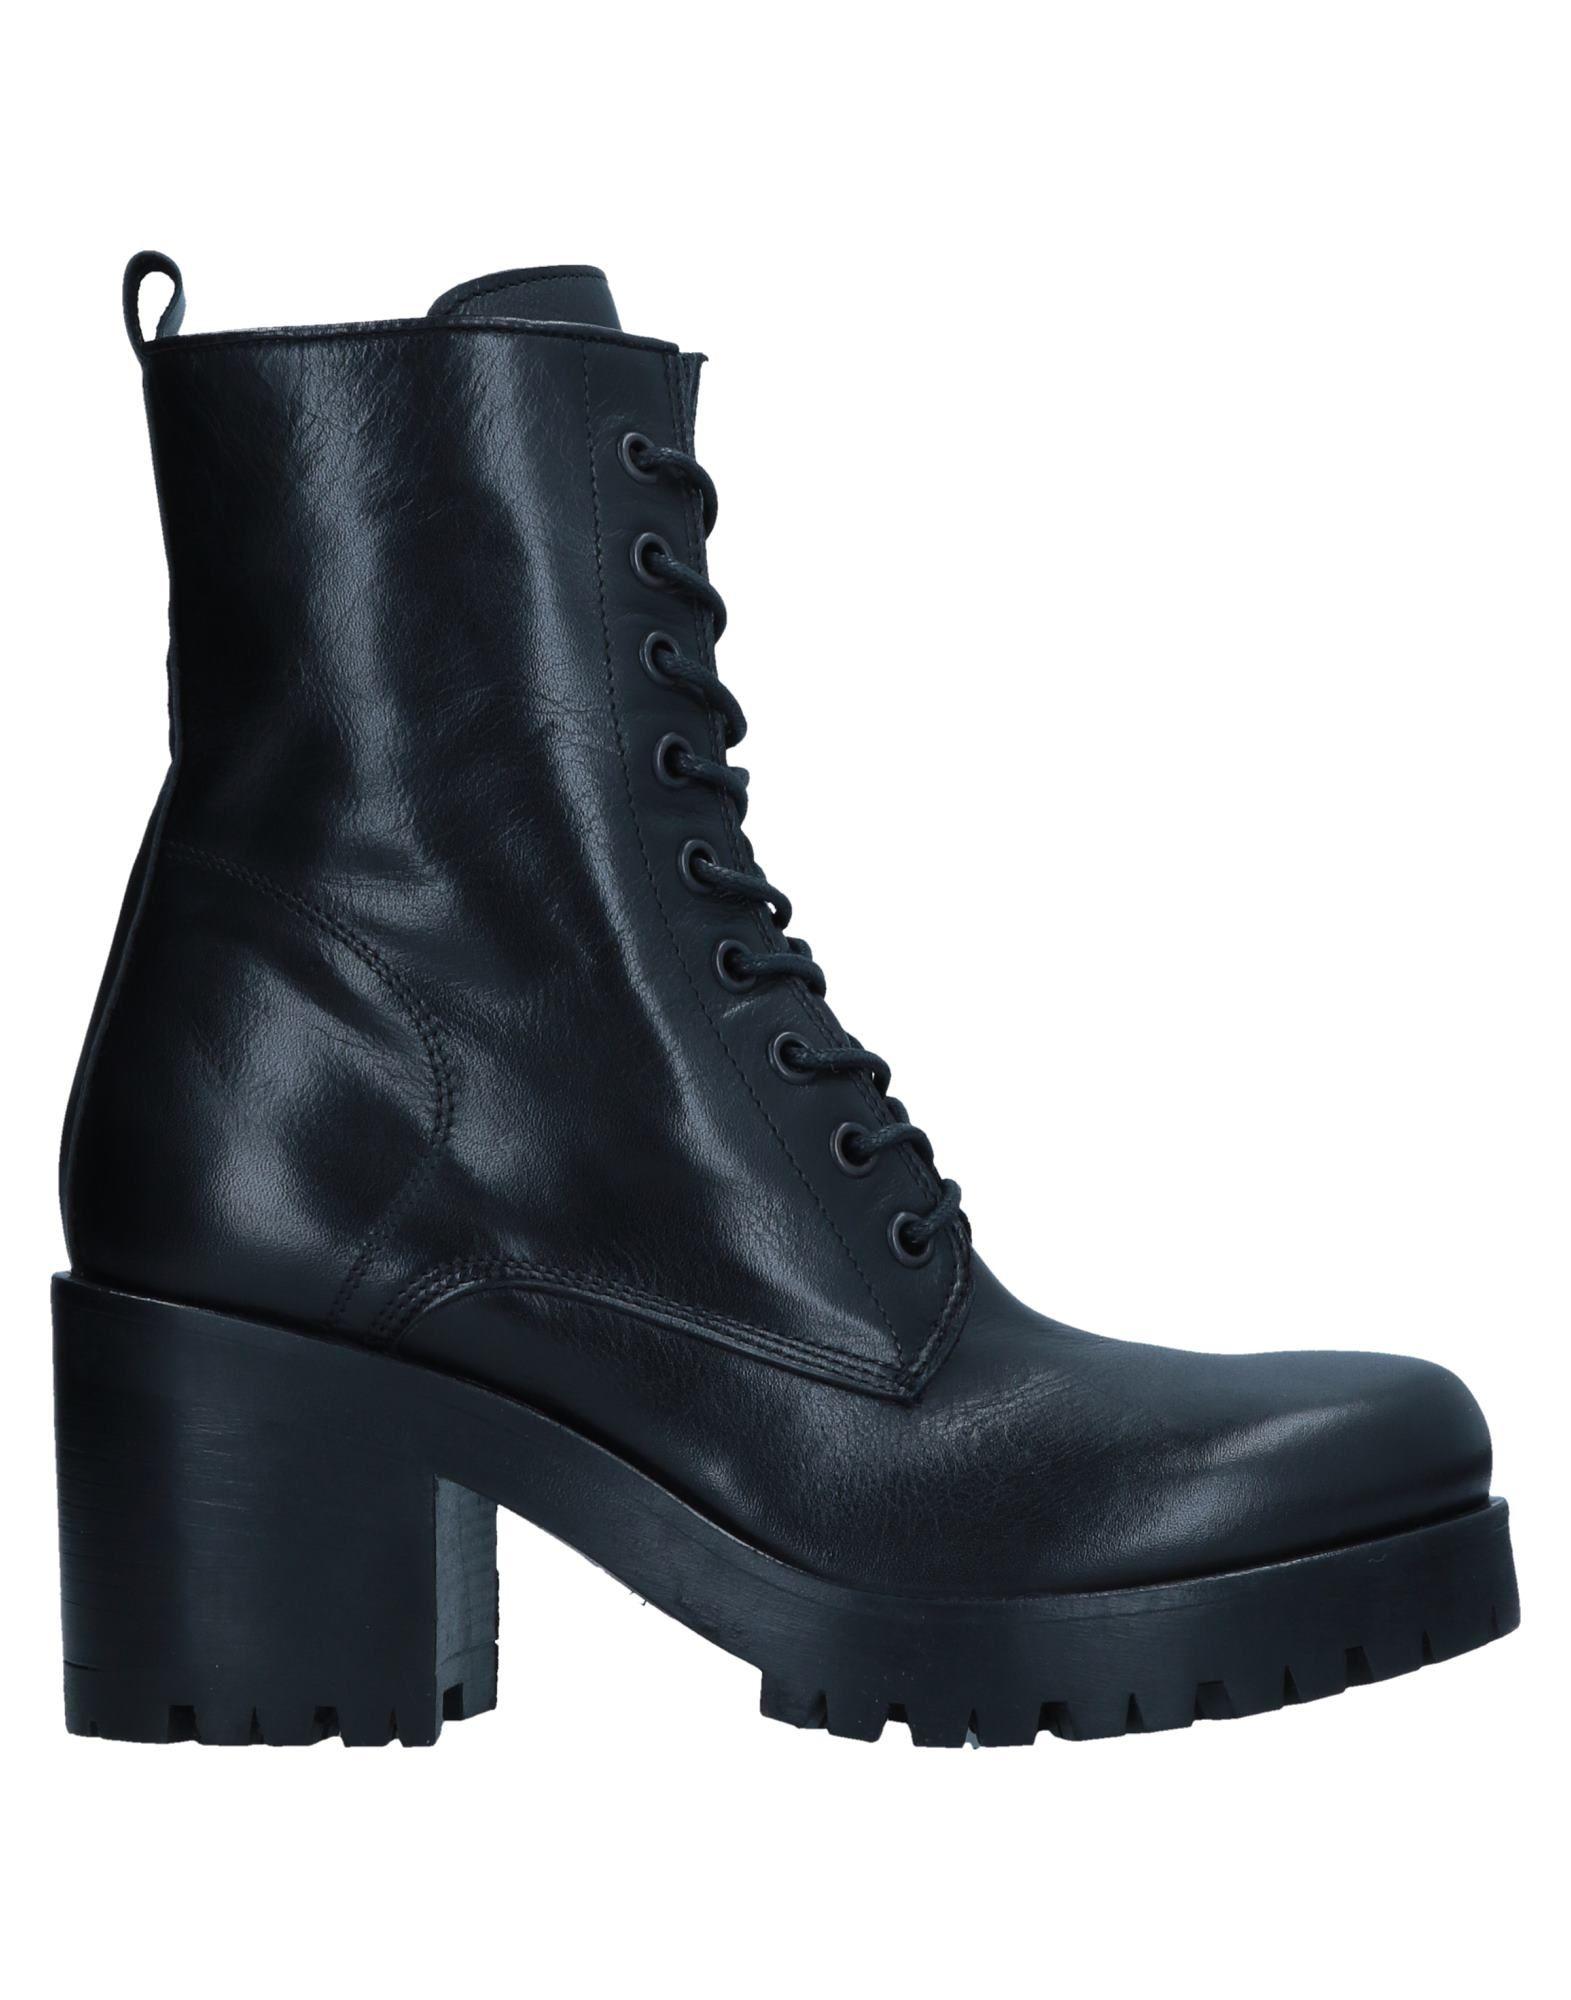 Strategia Stiefelette Damen aussehende  11549947WSGut aussehende Damen strapazierfähige Schuhe 674f09